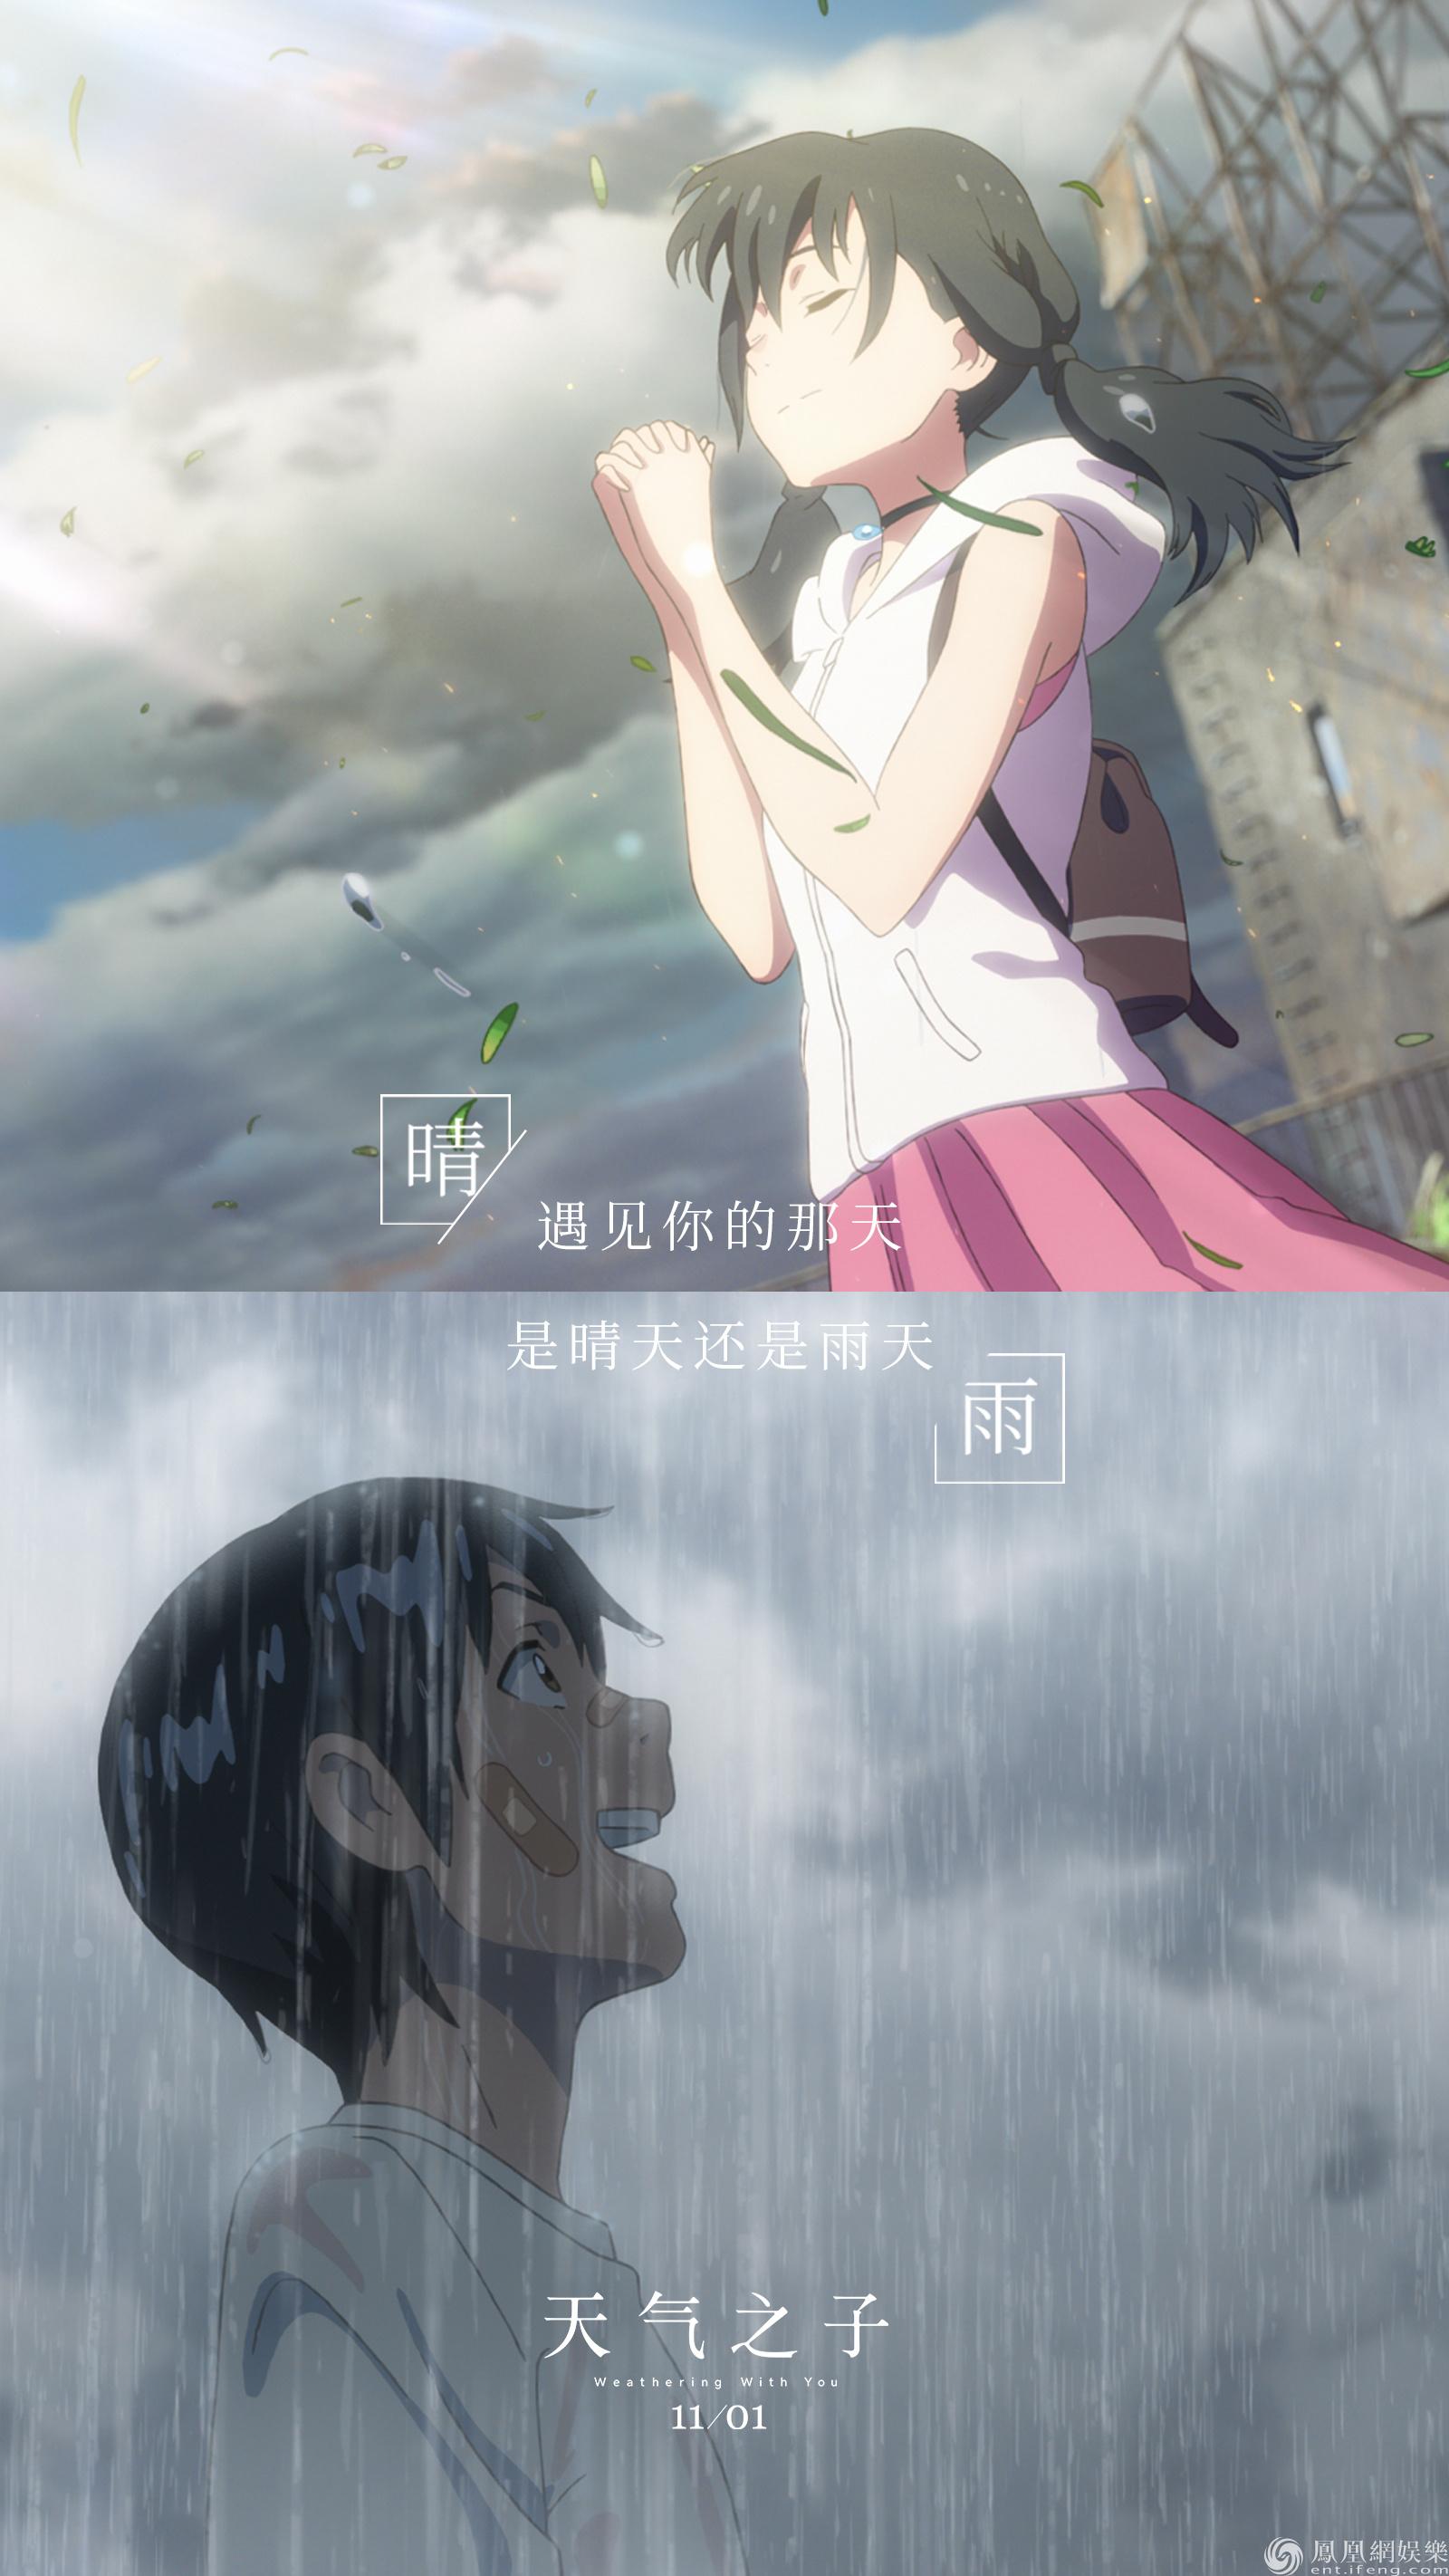 新海诚新作《天气之子》11.01上映 发内地首支新预告